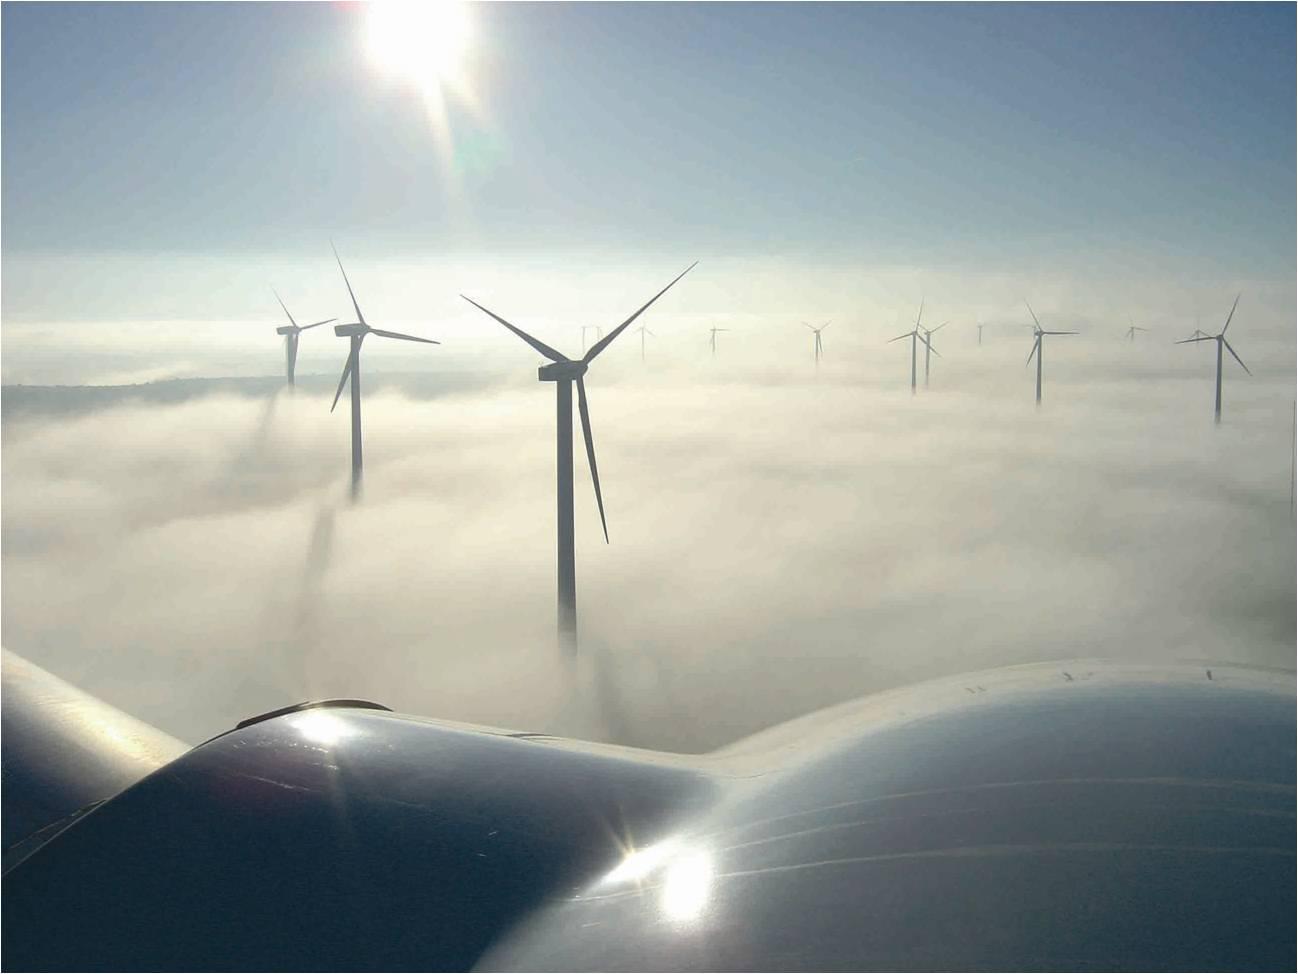 Gamesa Eólica construye con aerogeneradores de 4.5 MW un parque eólico